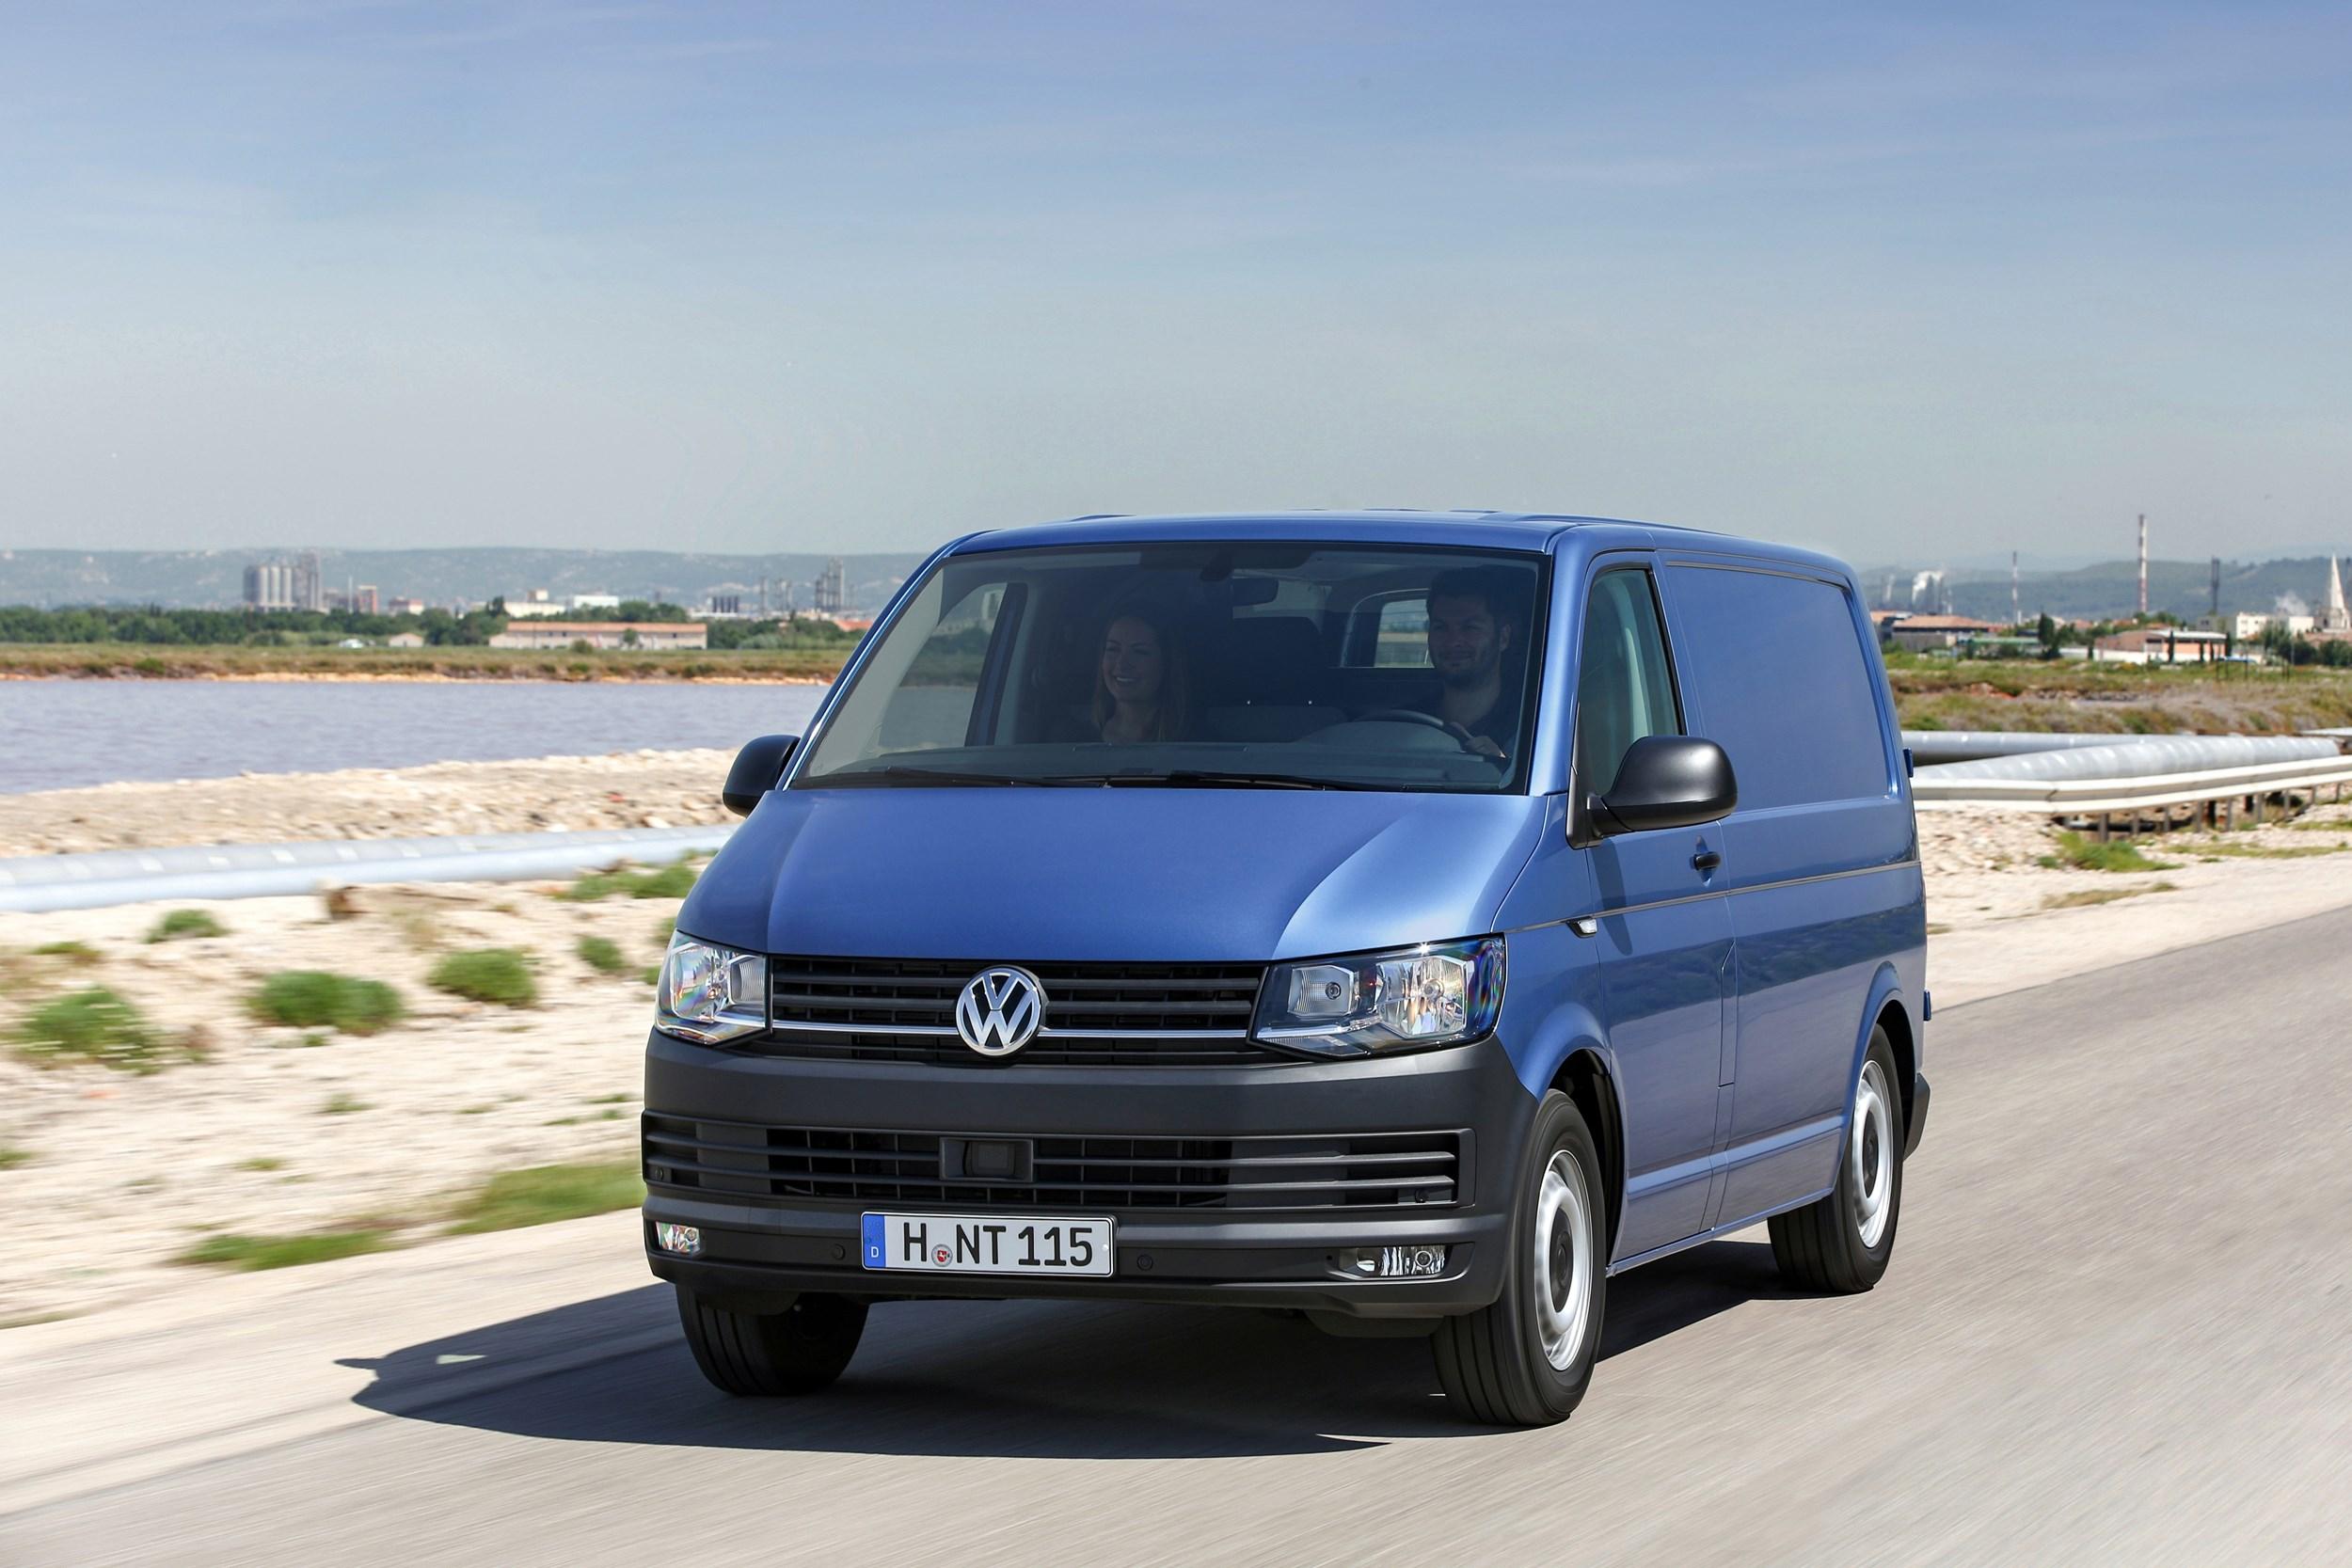 First drive: Volkswagen Transporter T6 Euro 5 140hp van review